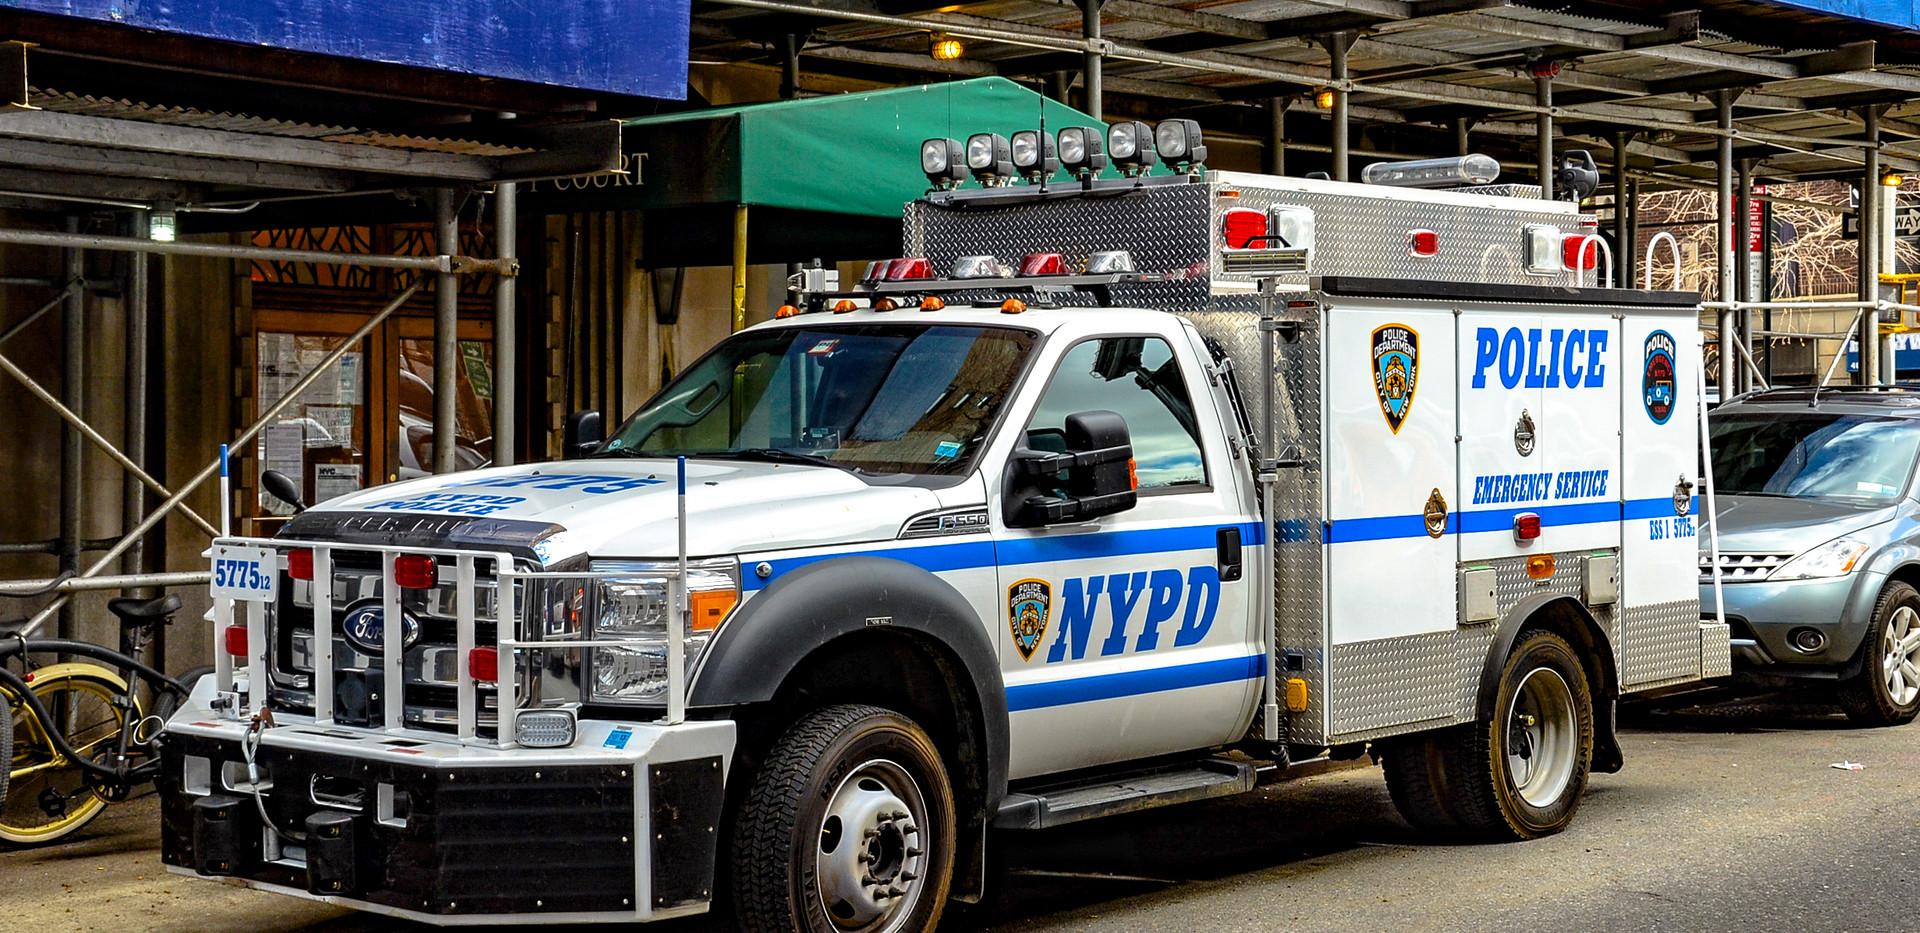 NYPD ESU ESS1 REP 5775